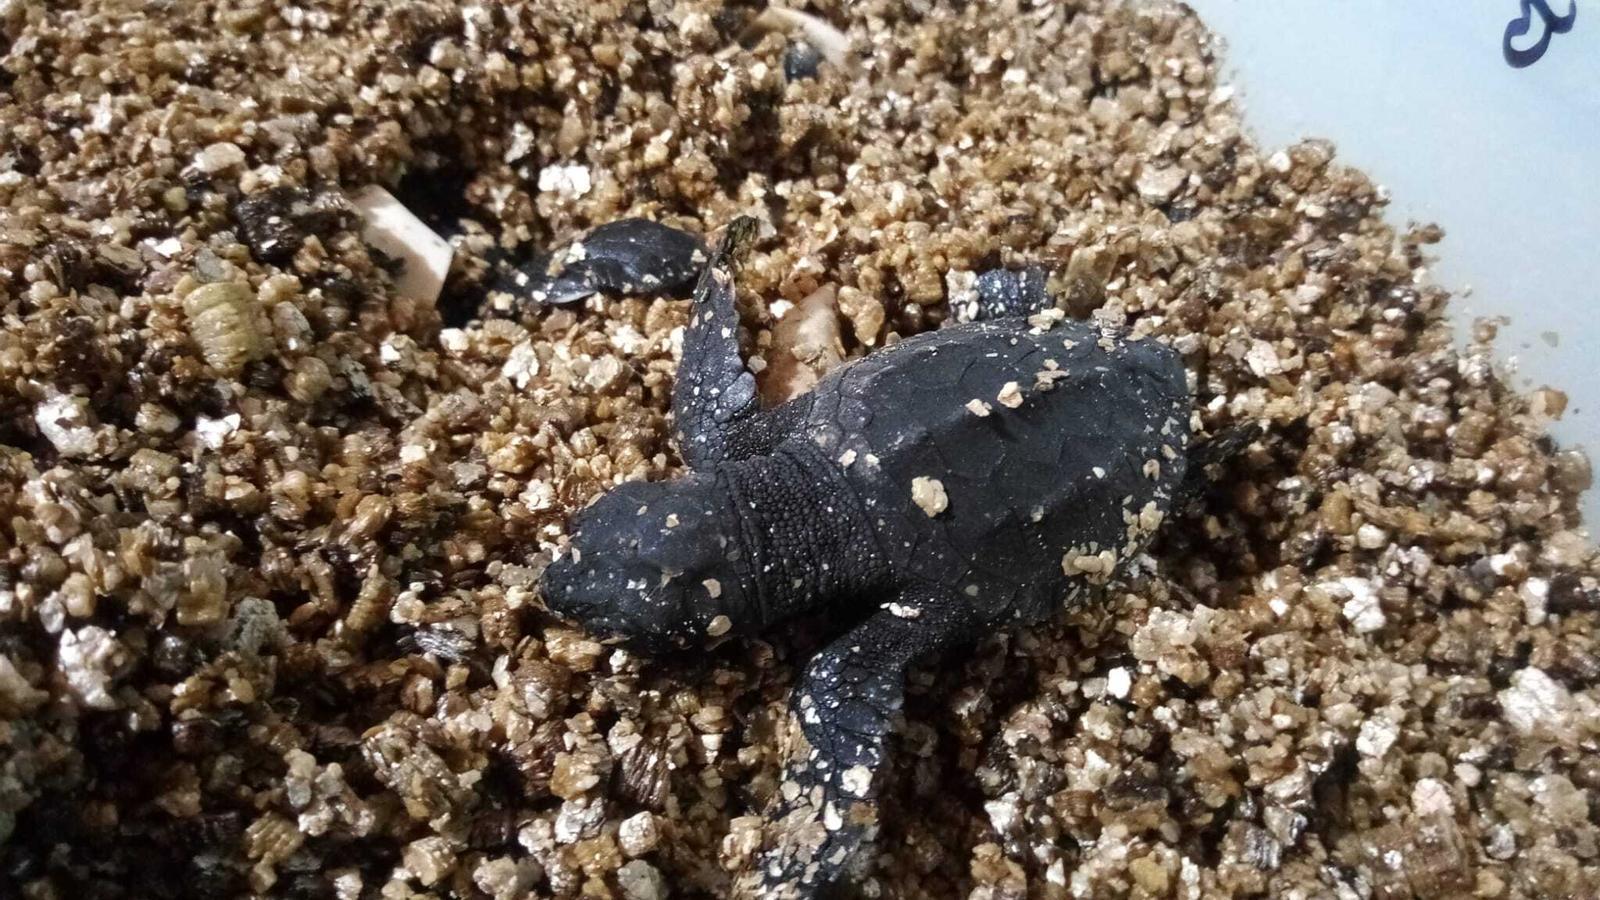 Neixen nou tortugues marines de la primera posta registrada a Menorca